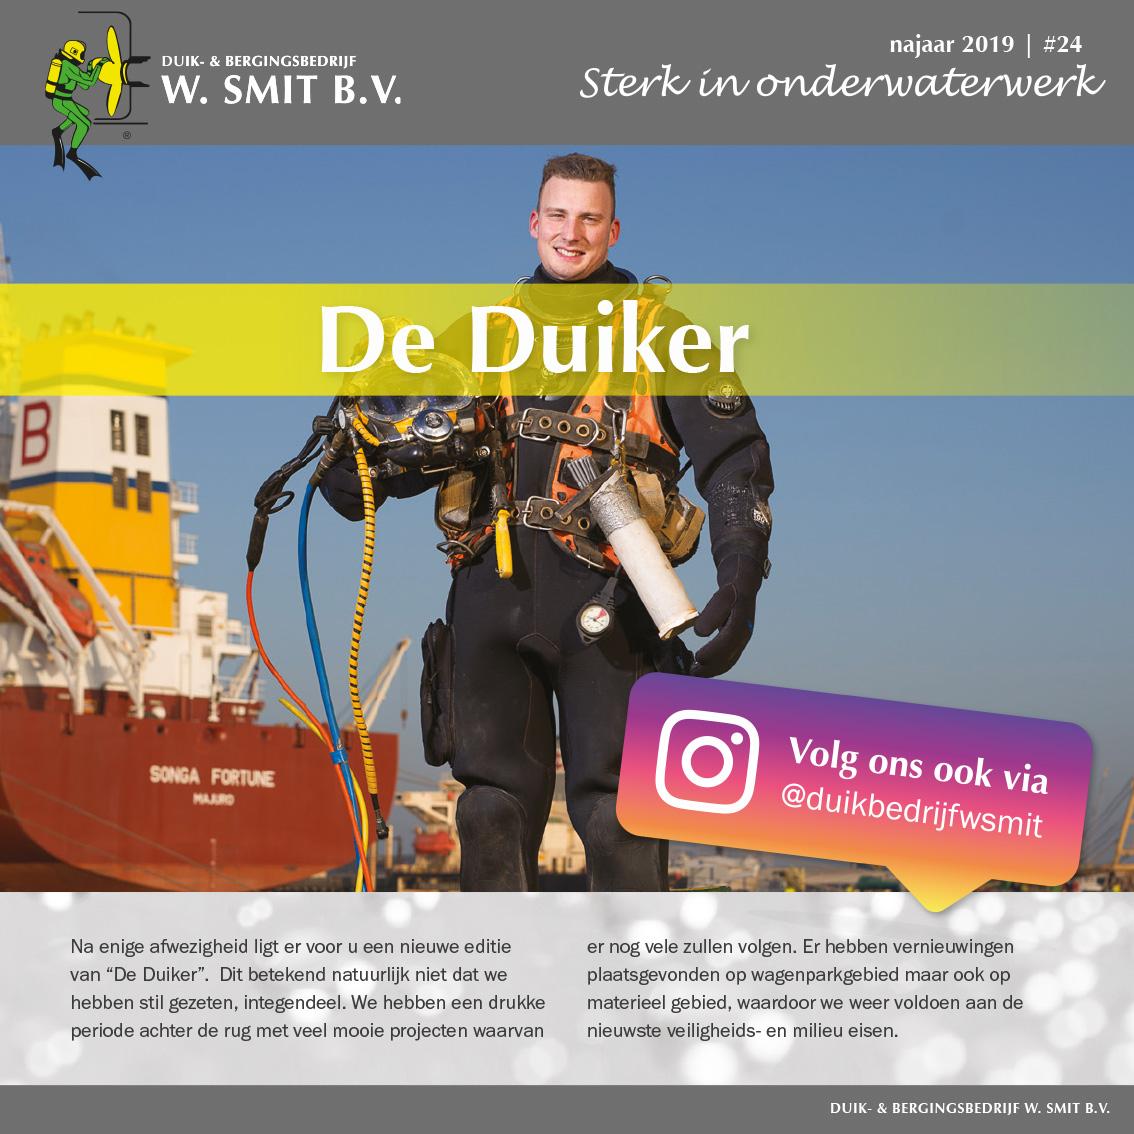 De Duiker #24